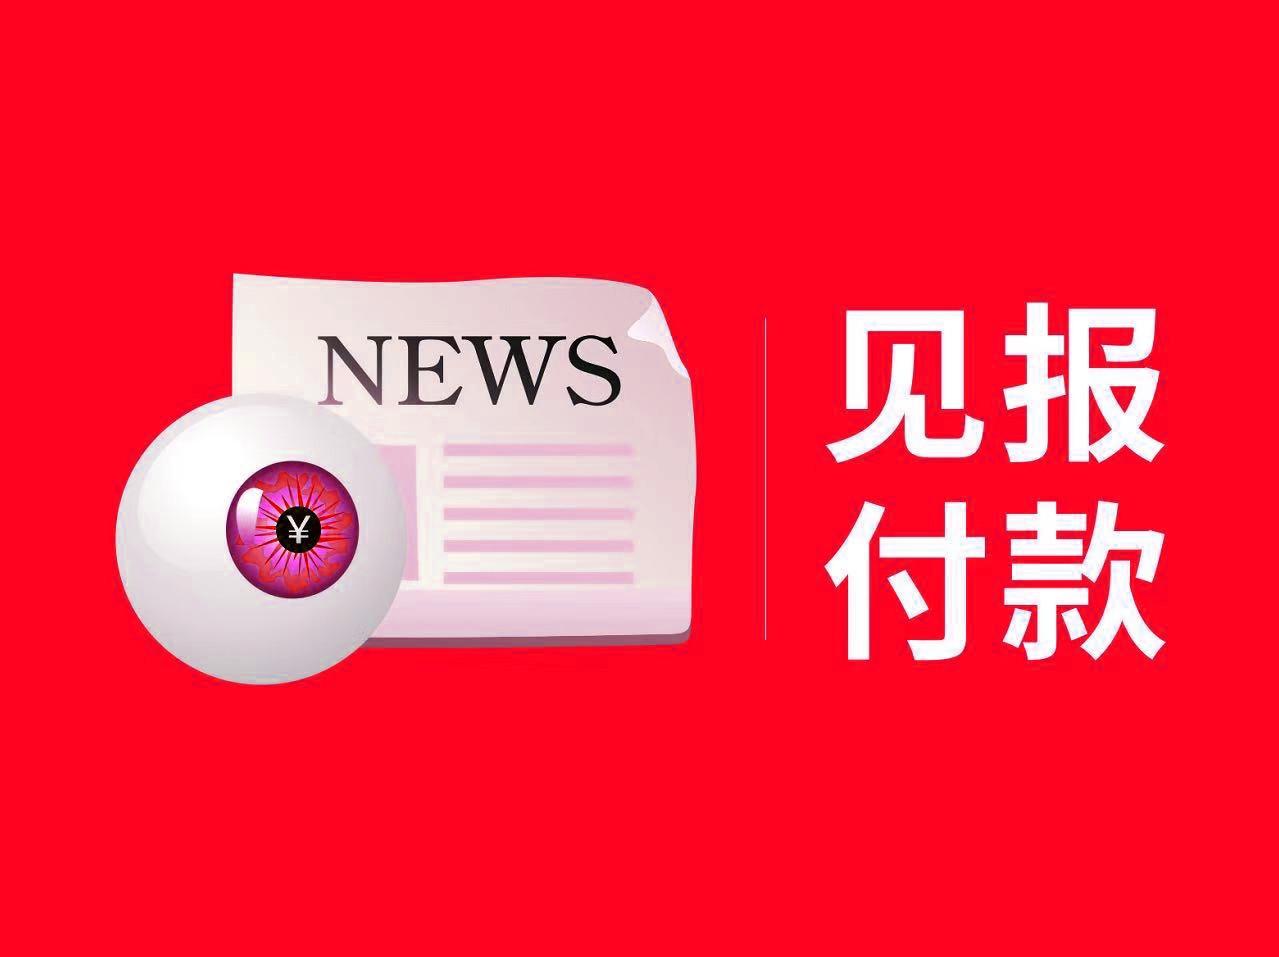 黃石長江日報遺失廣告電話 快速高效